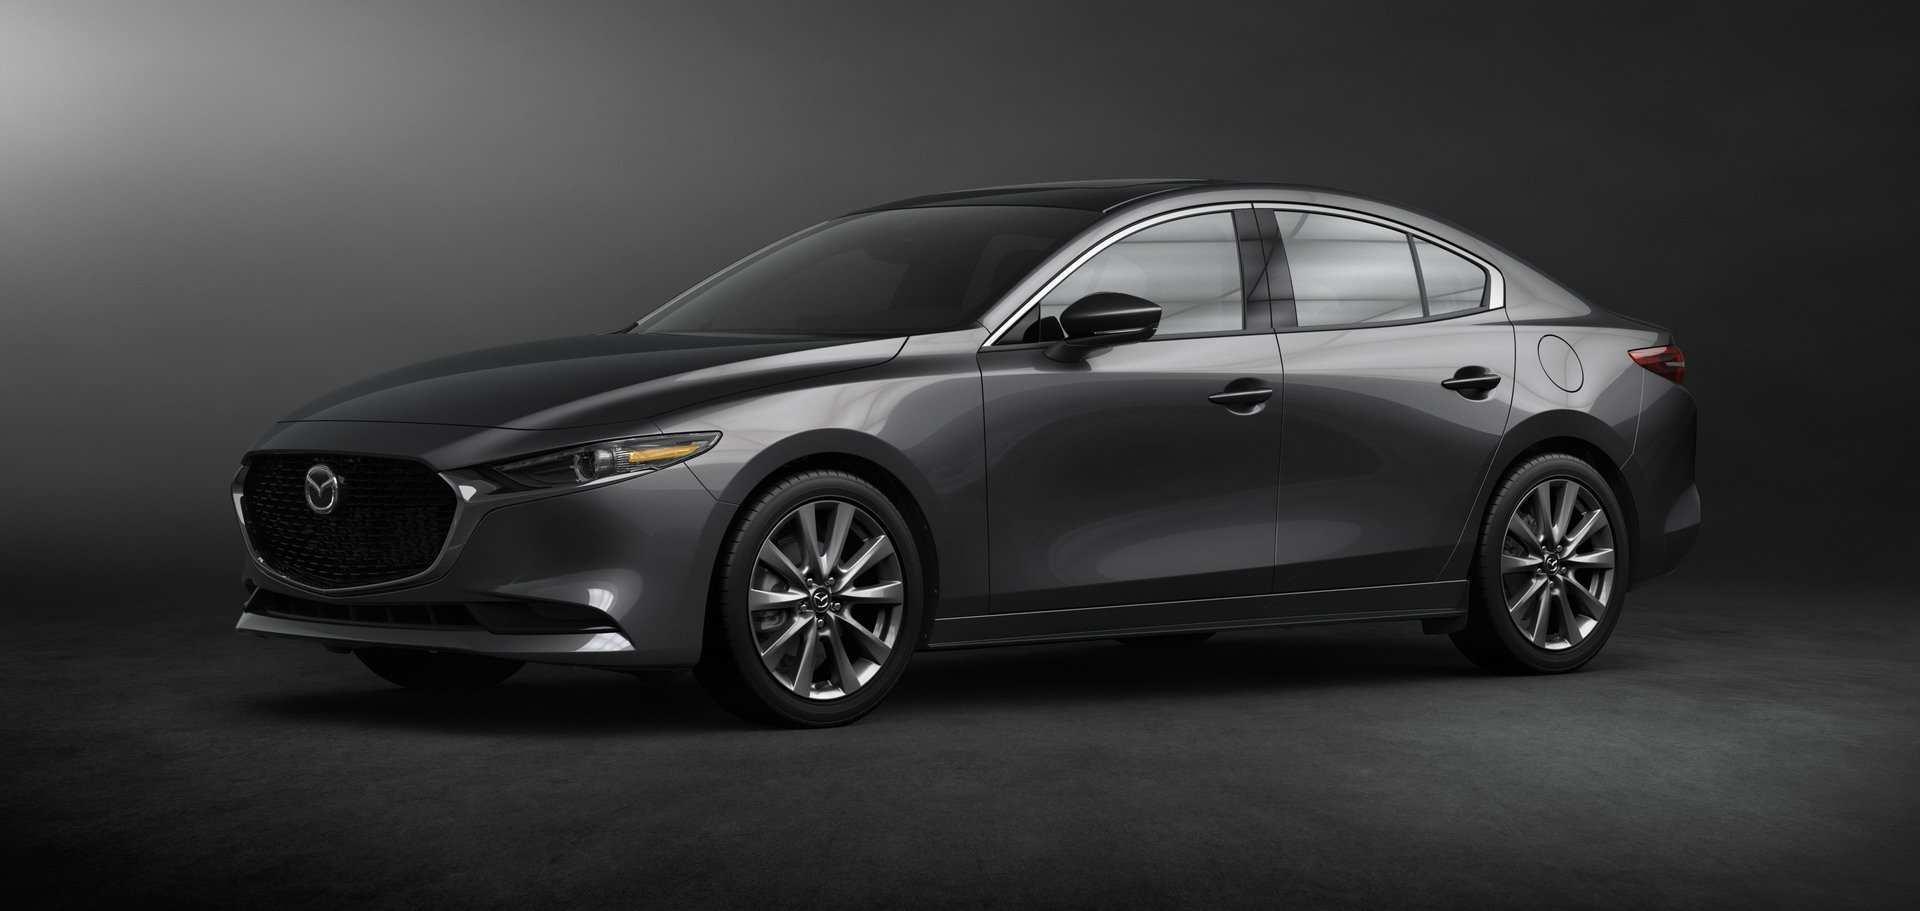 65 Gallery of Mazda 3 2020 Nueva Generacion Concept with Mazda 3 2020 Nueva Generacion